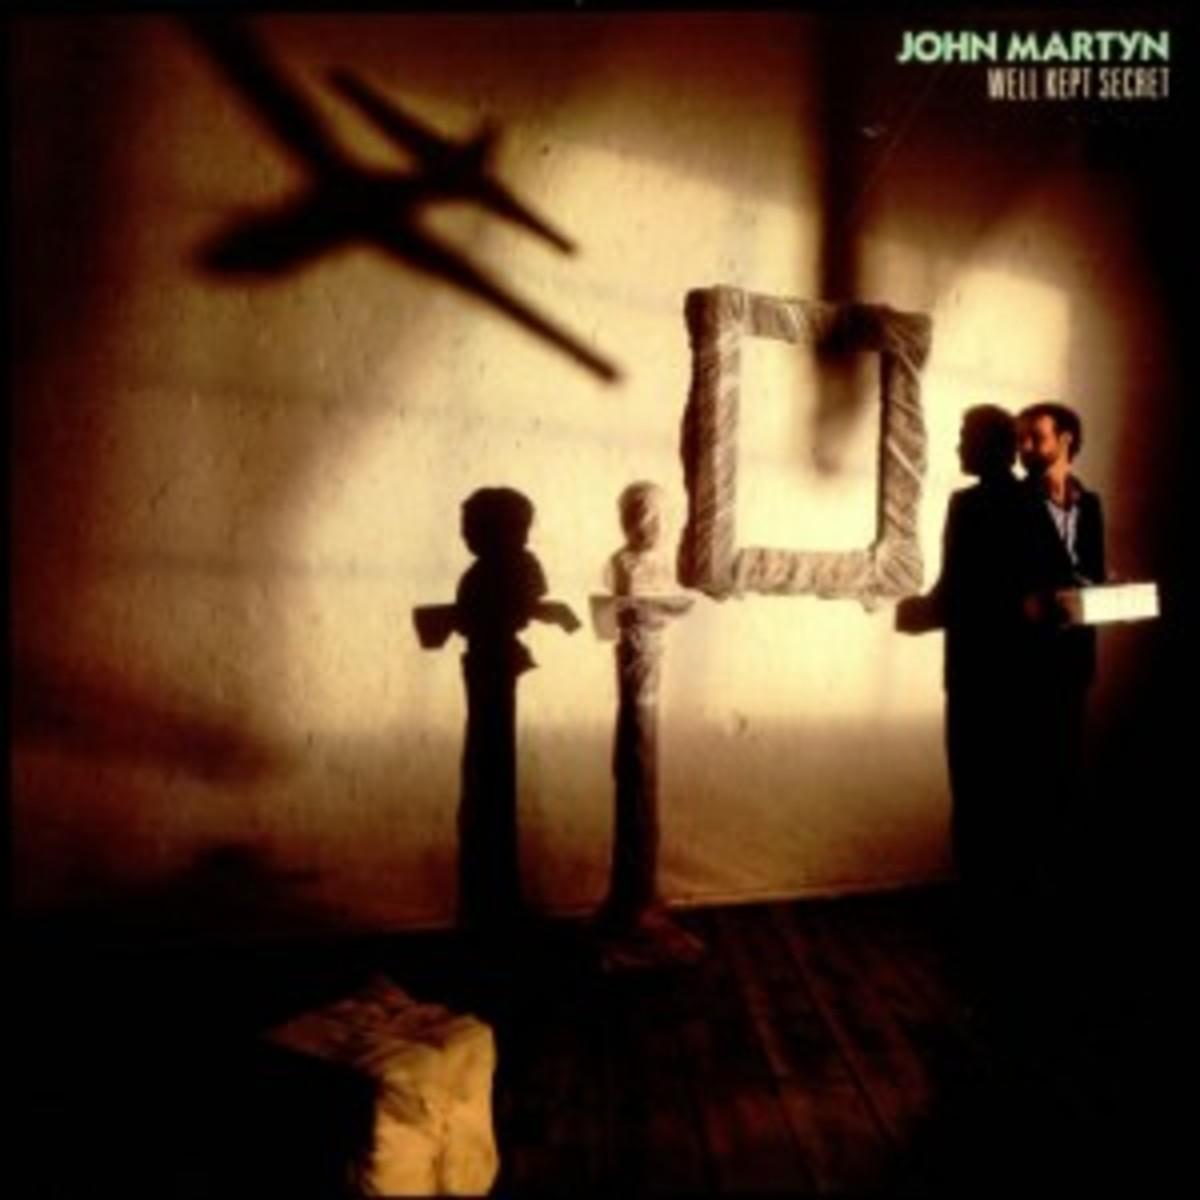 John-Martyn-Well-Kept-Secret-518778